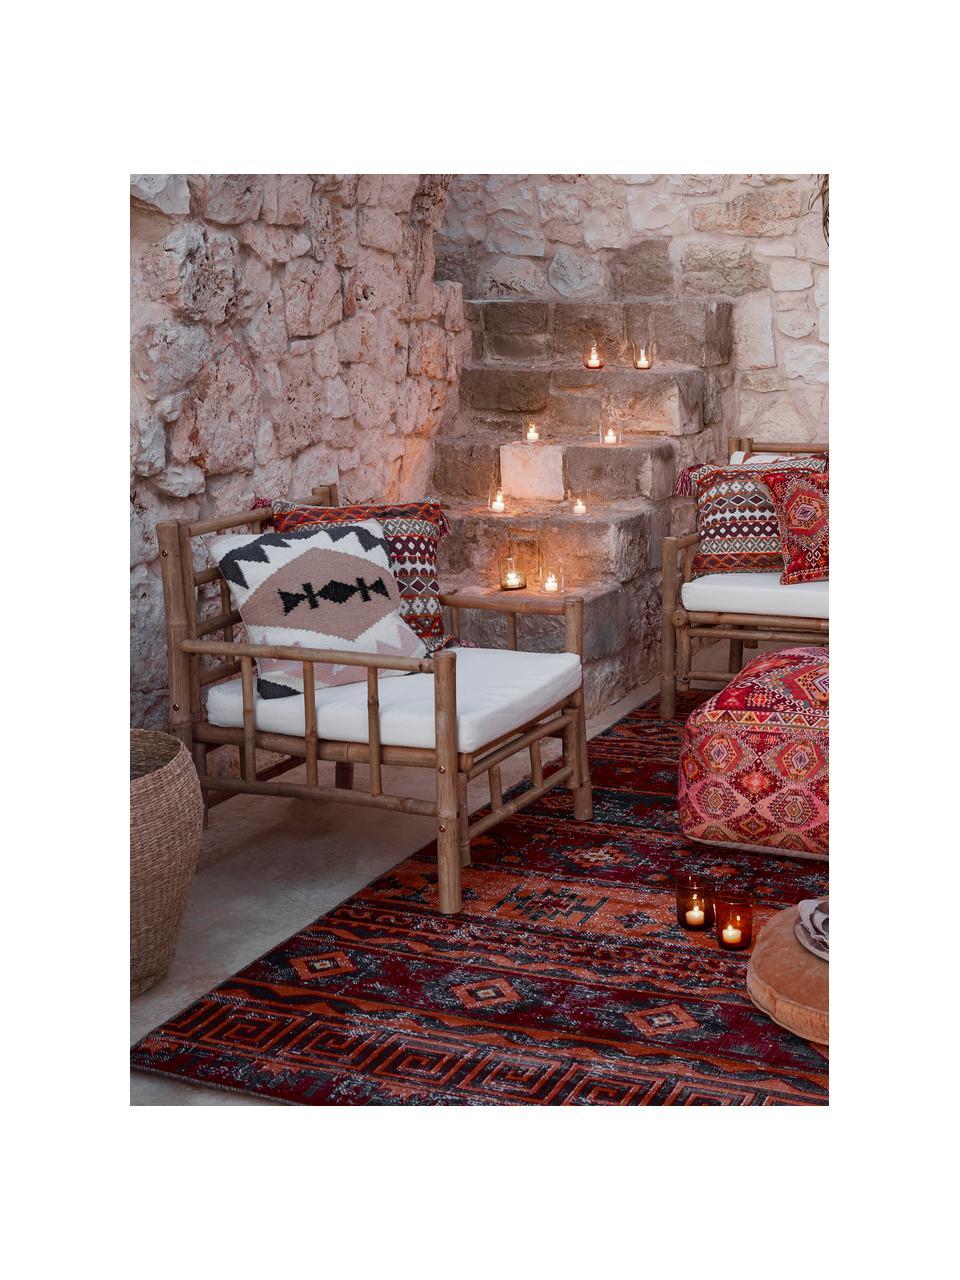 Poszewka na poduszkę z wełny w stylu etno Gayle, 90% wełna, 10% bawełna, Beżowy, czarny, kremowy, blady różowy, S 45 x D 45 cm